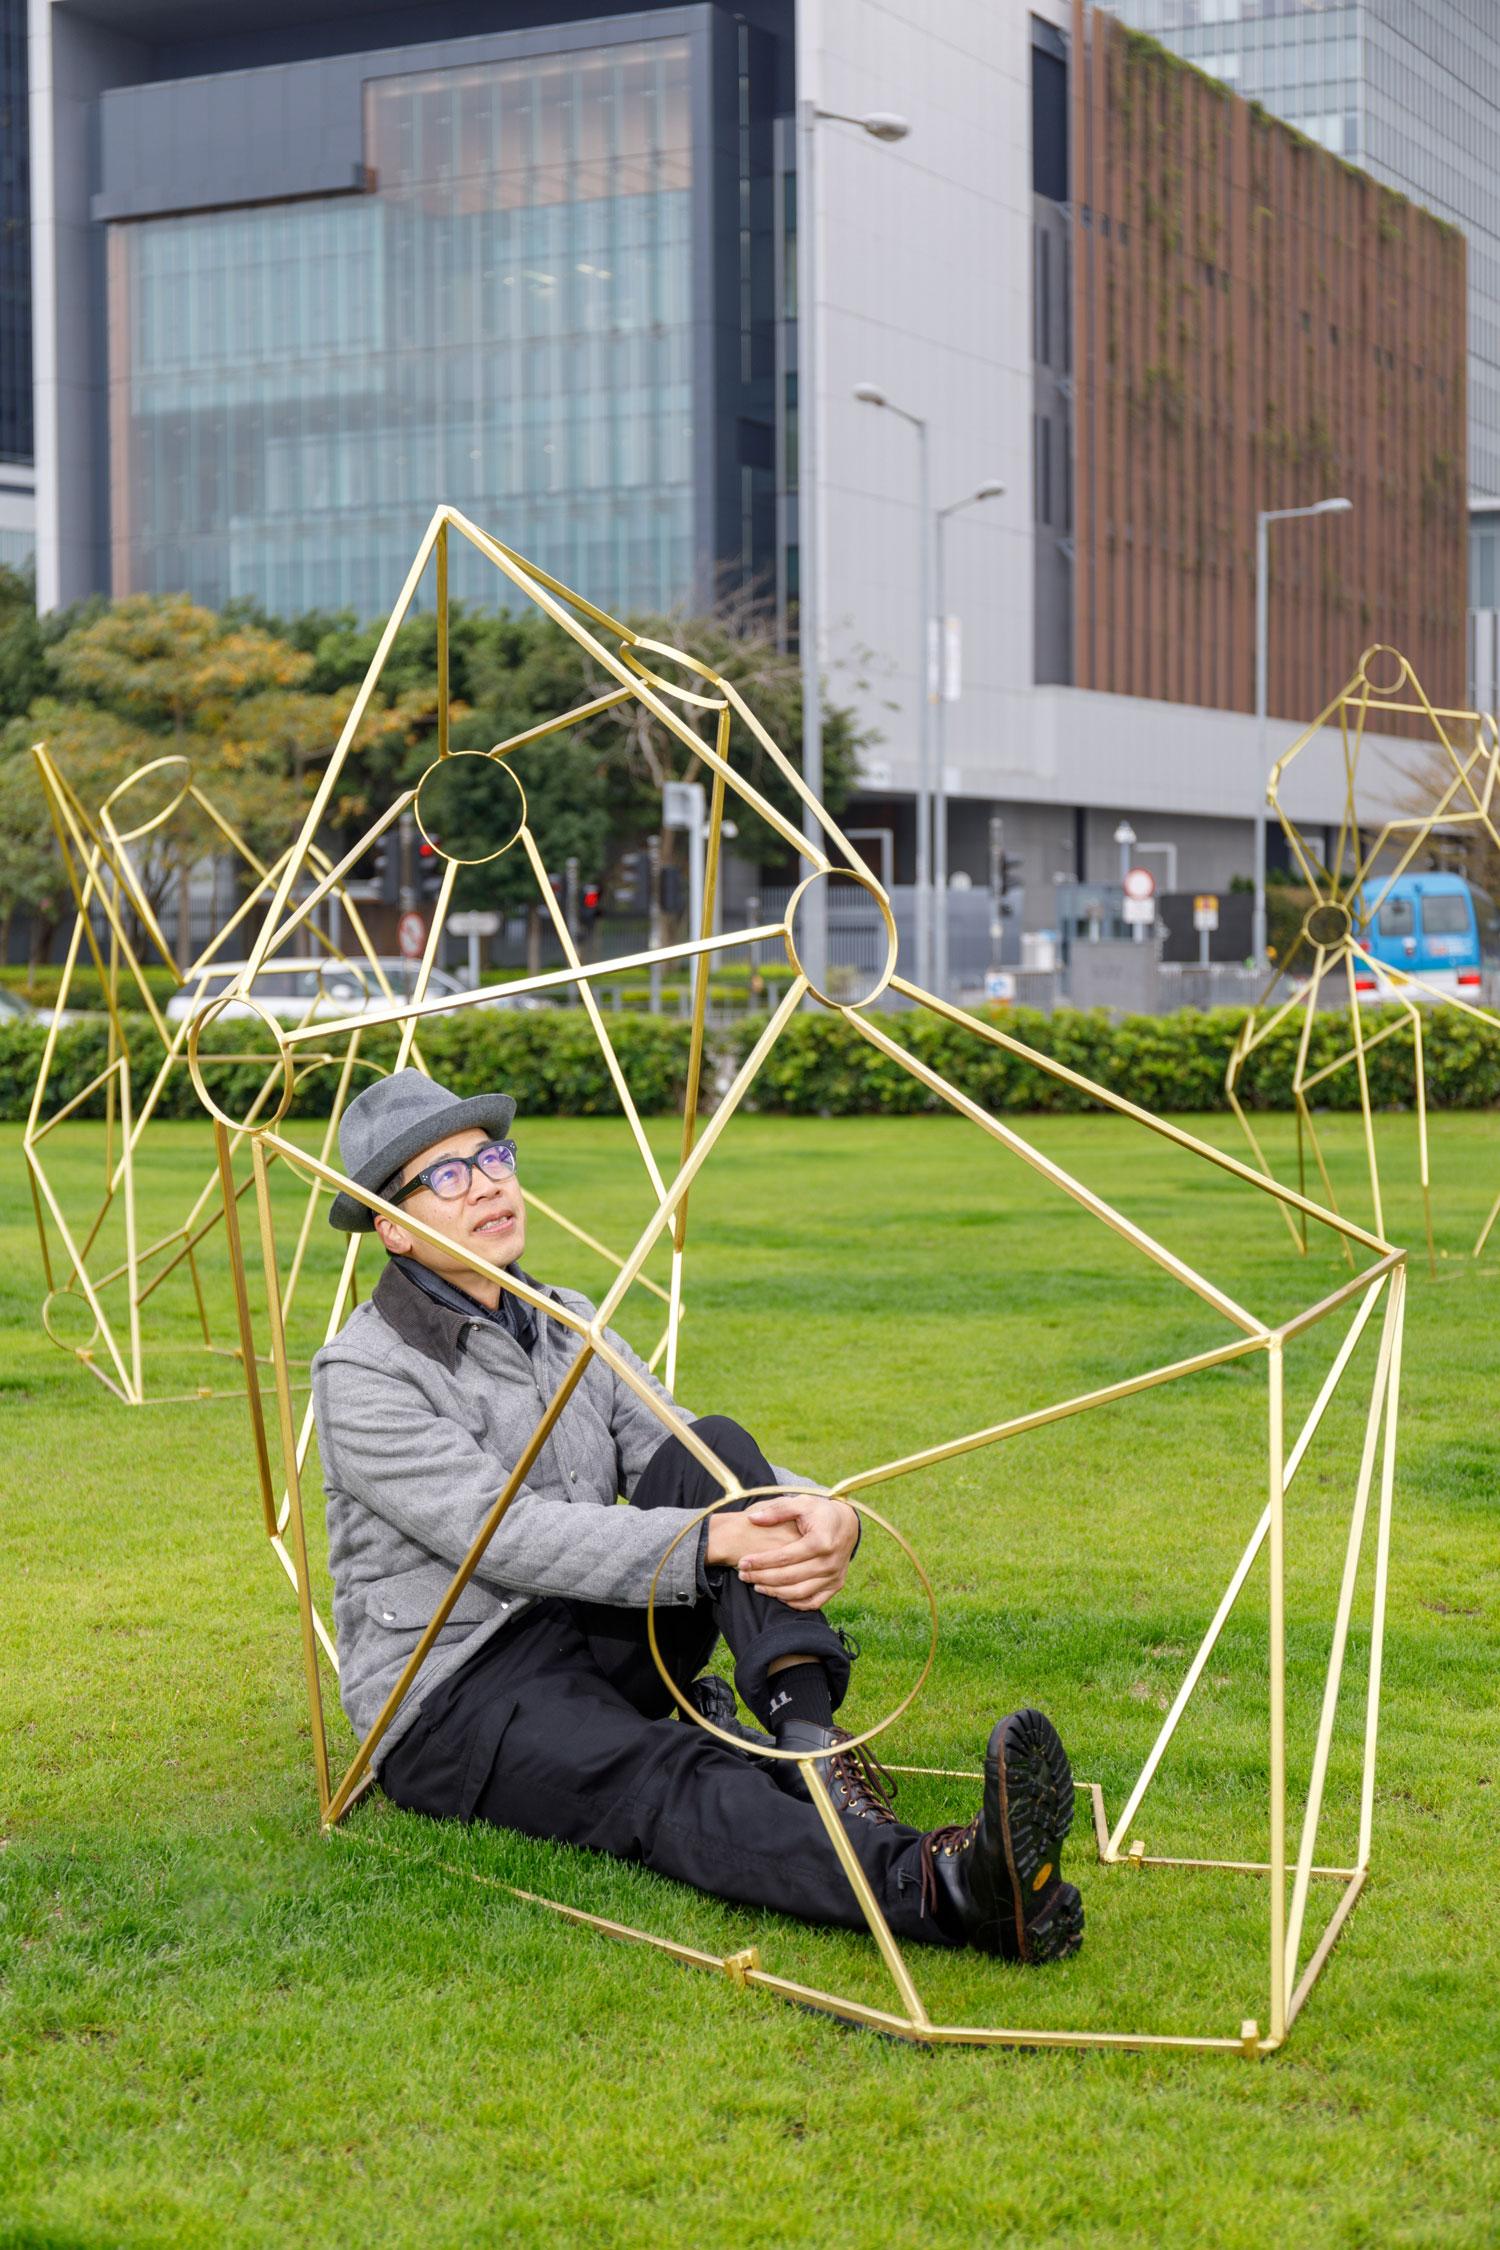 Feb/25/2018 The Artling  Public Displays of Art:  Hong Kong's First Sculpture Park